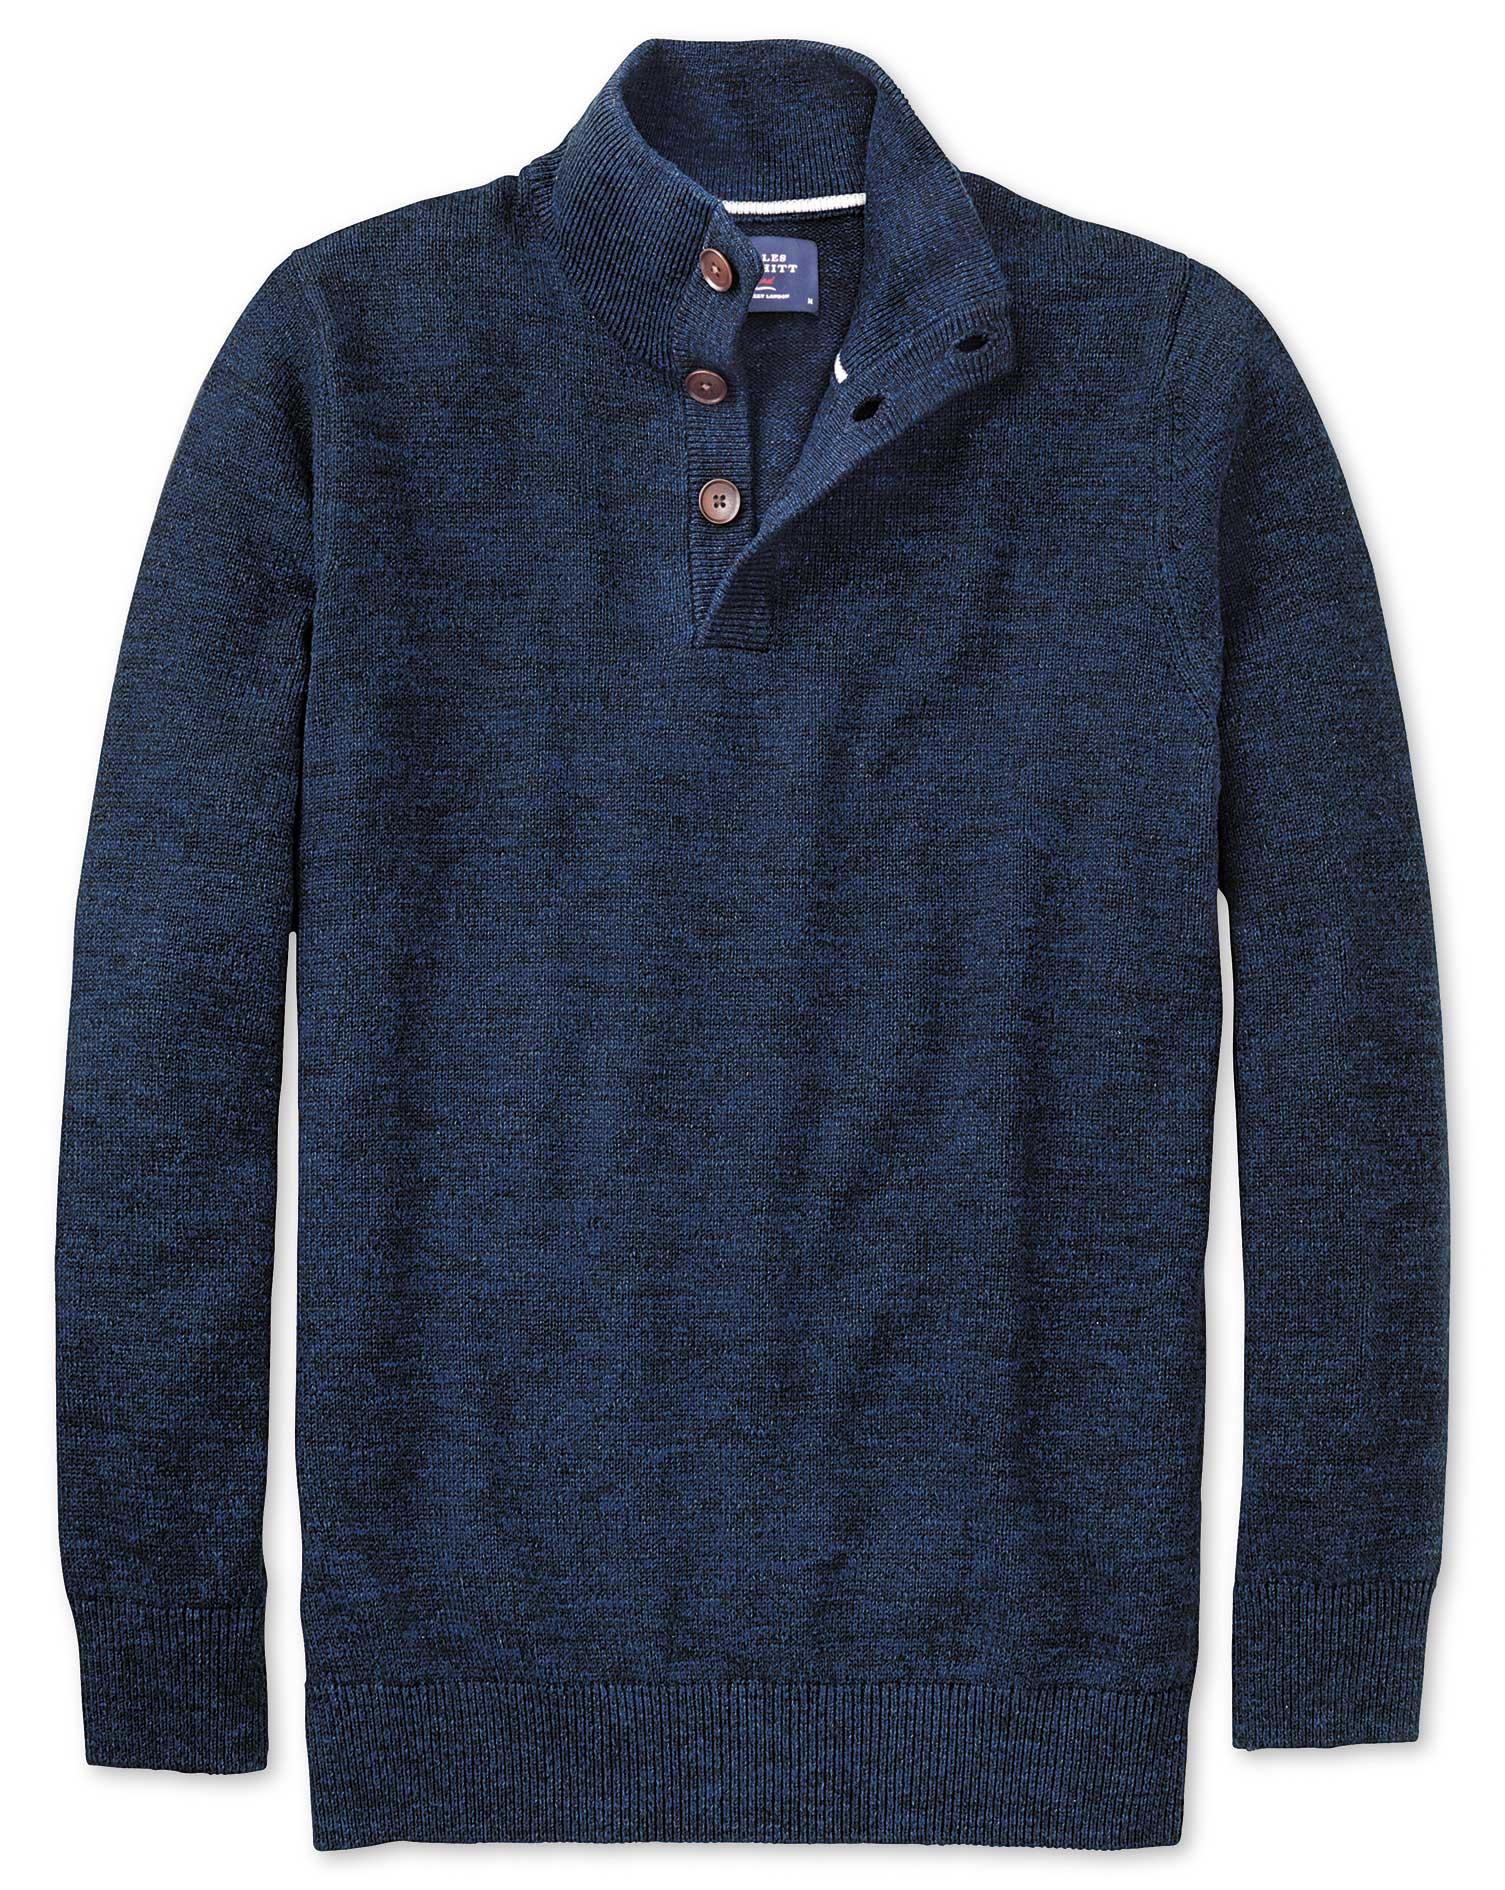 Pullover mit Knopfkragen in Indigoblau Meliert